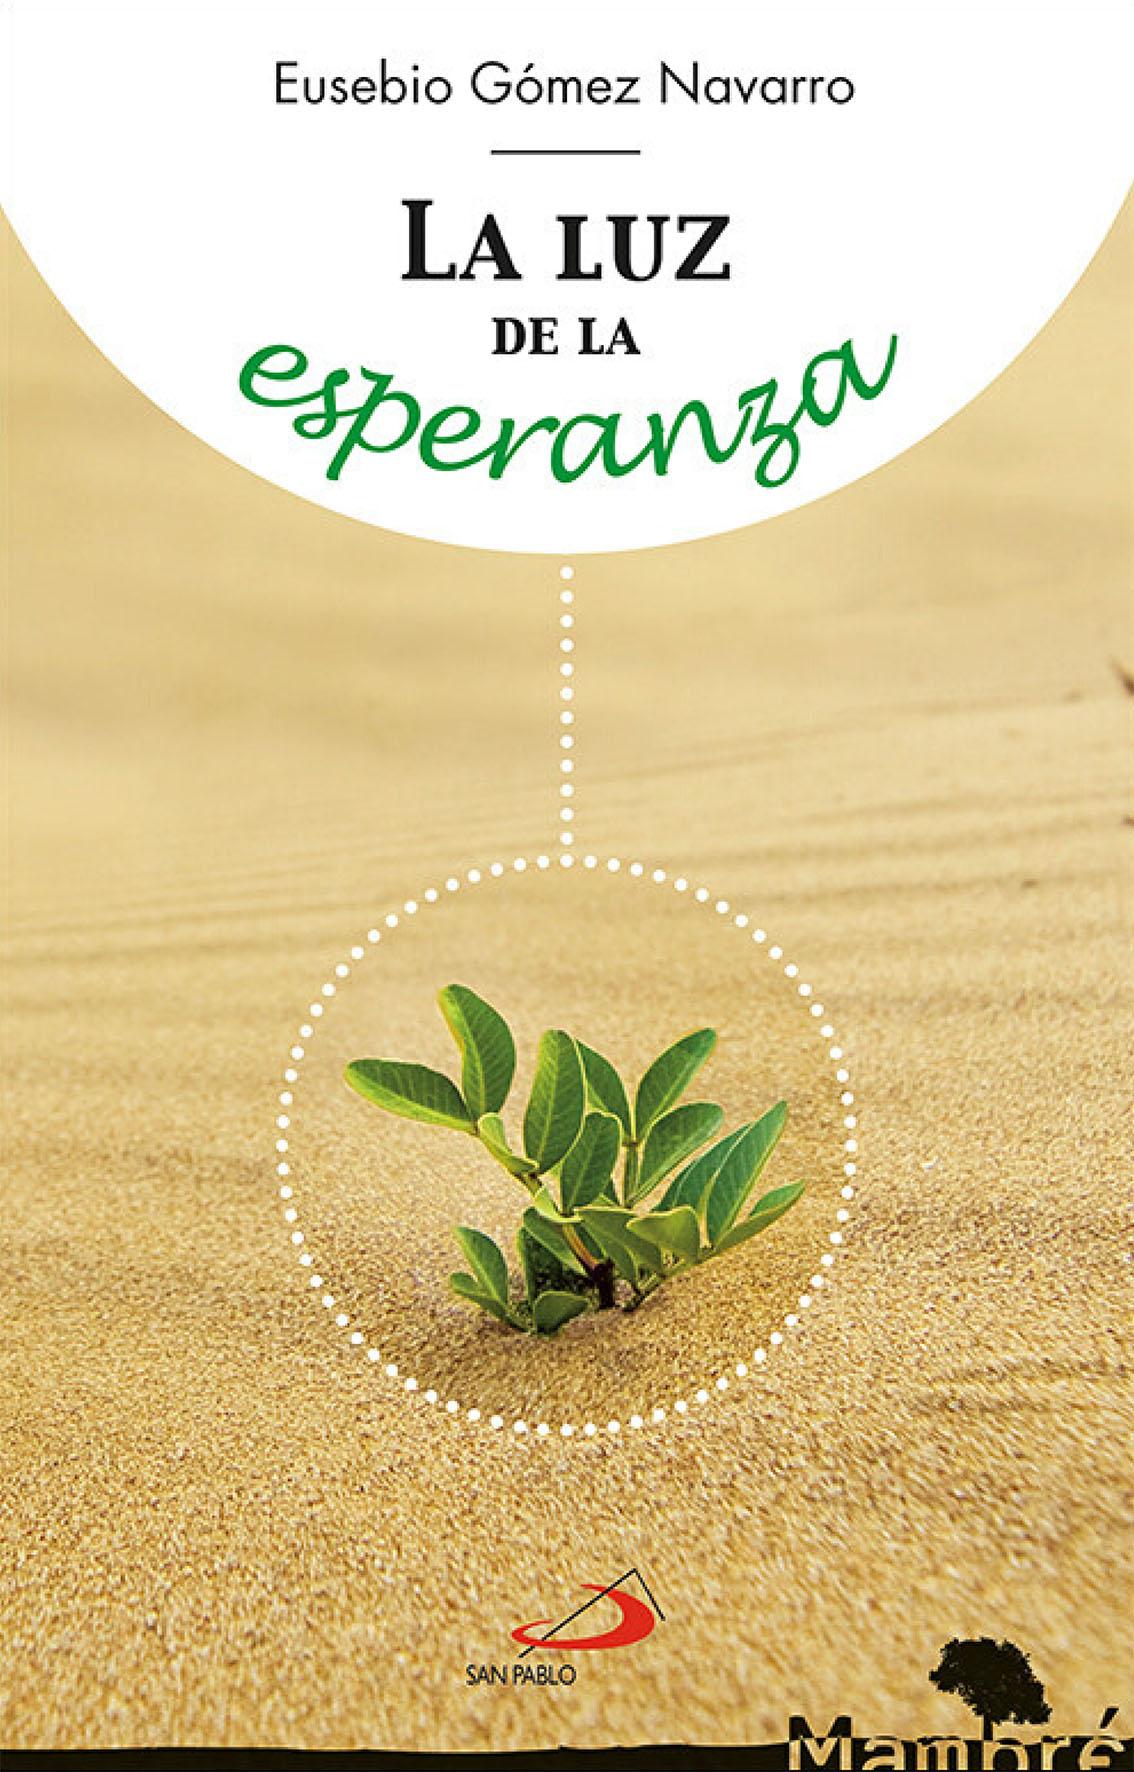 El P. Eusebio Gómez presenta su nuevo libro